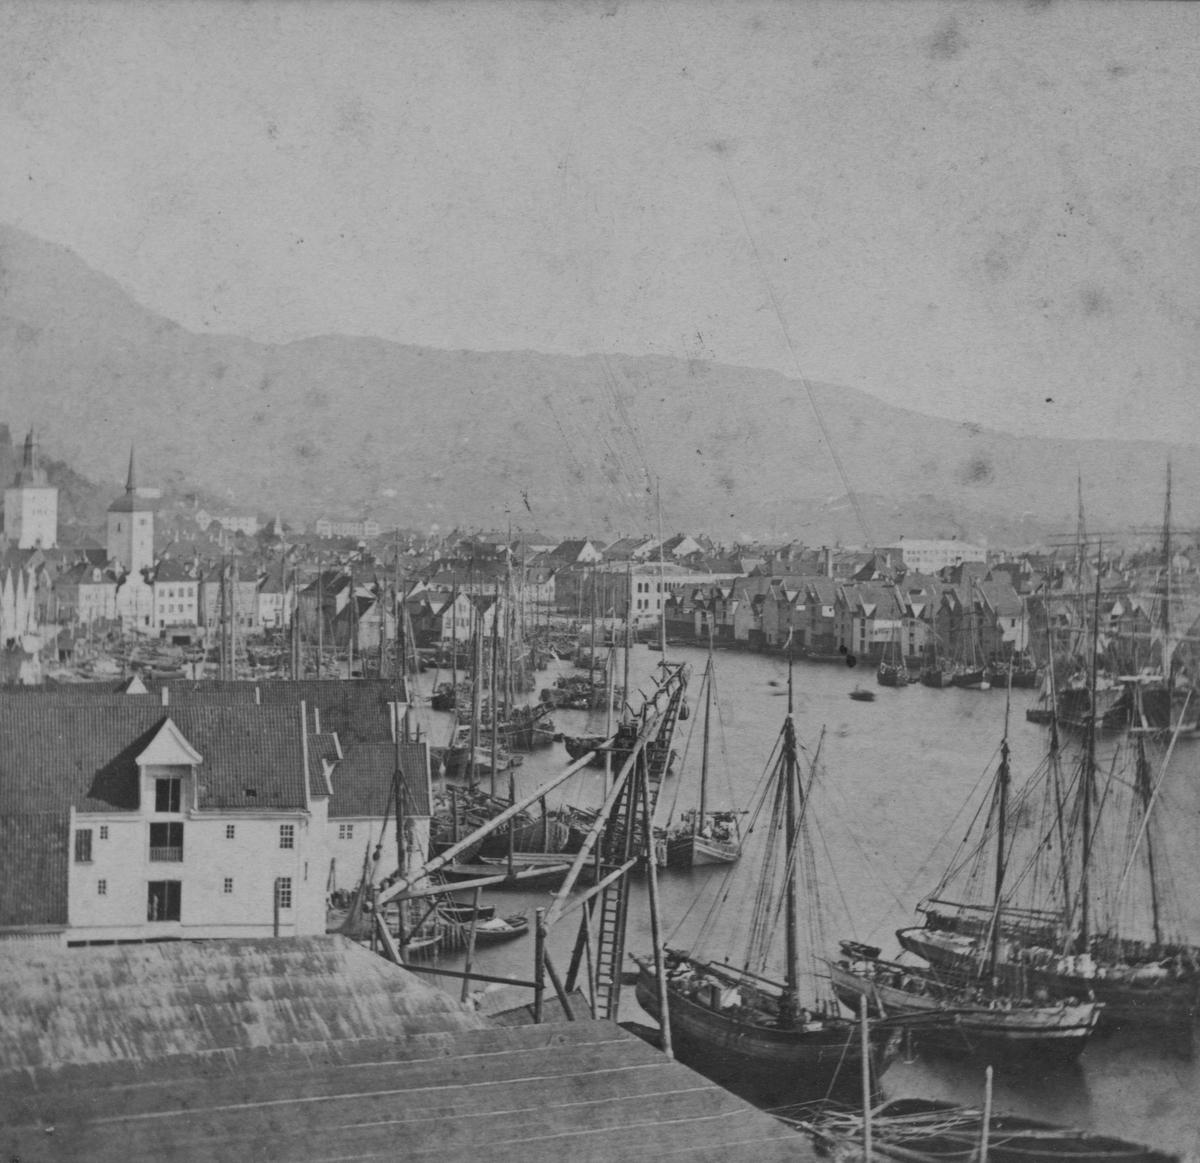 Bergens havn. Slottsgatens boder.